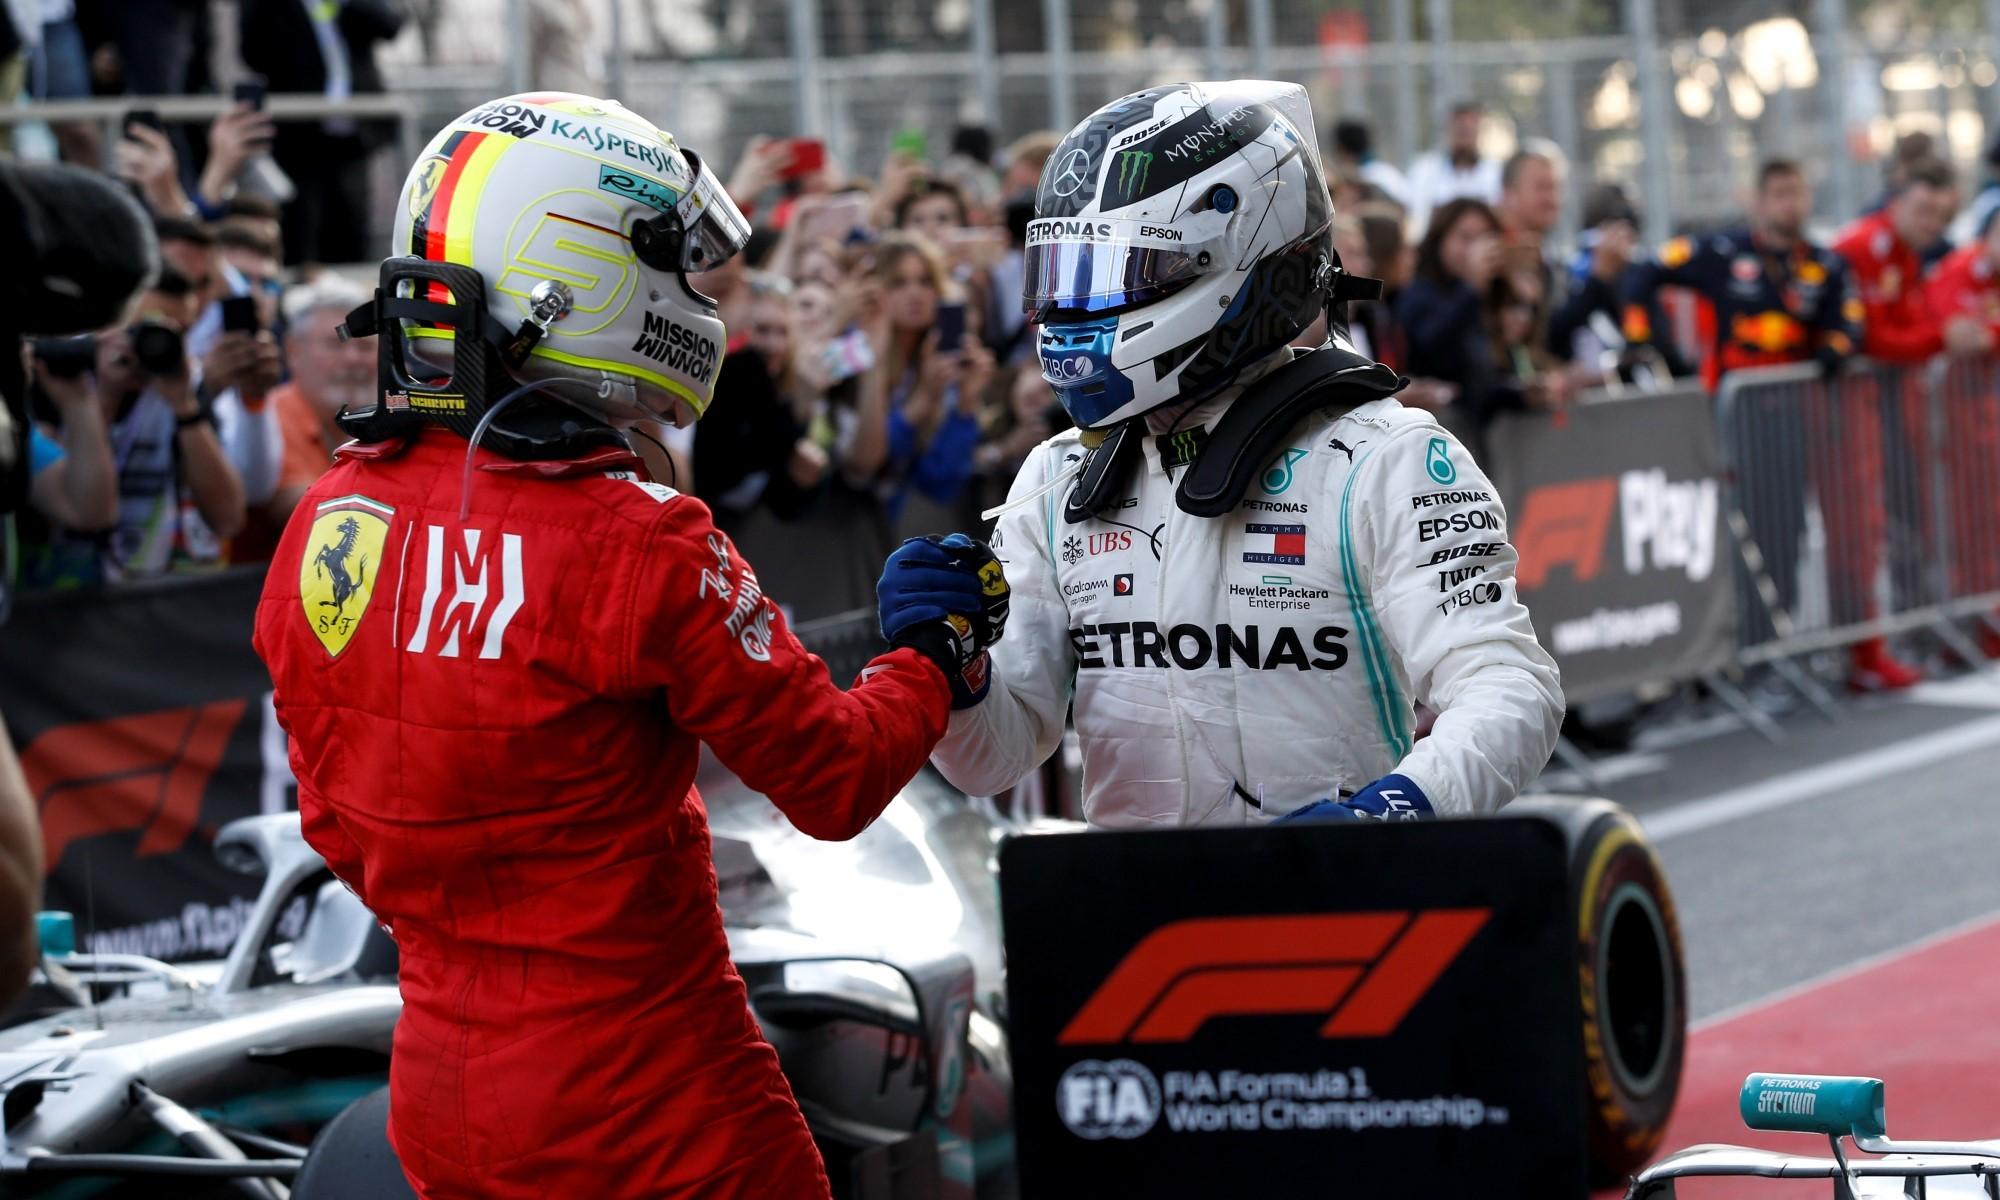 Bottas and Vettel